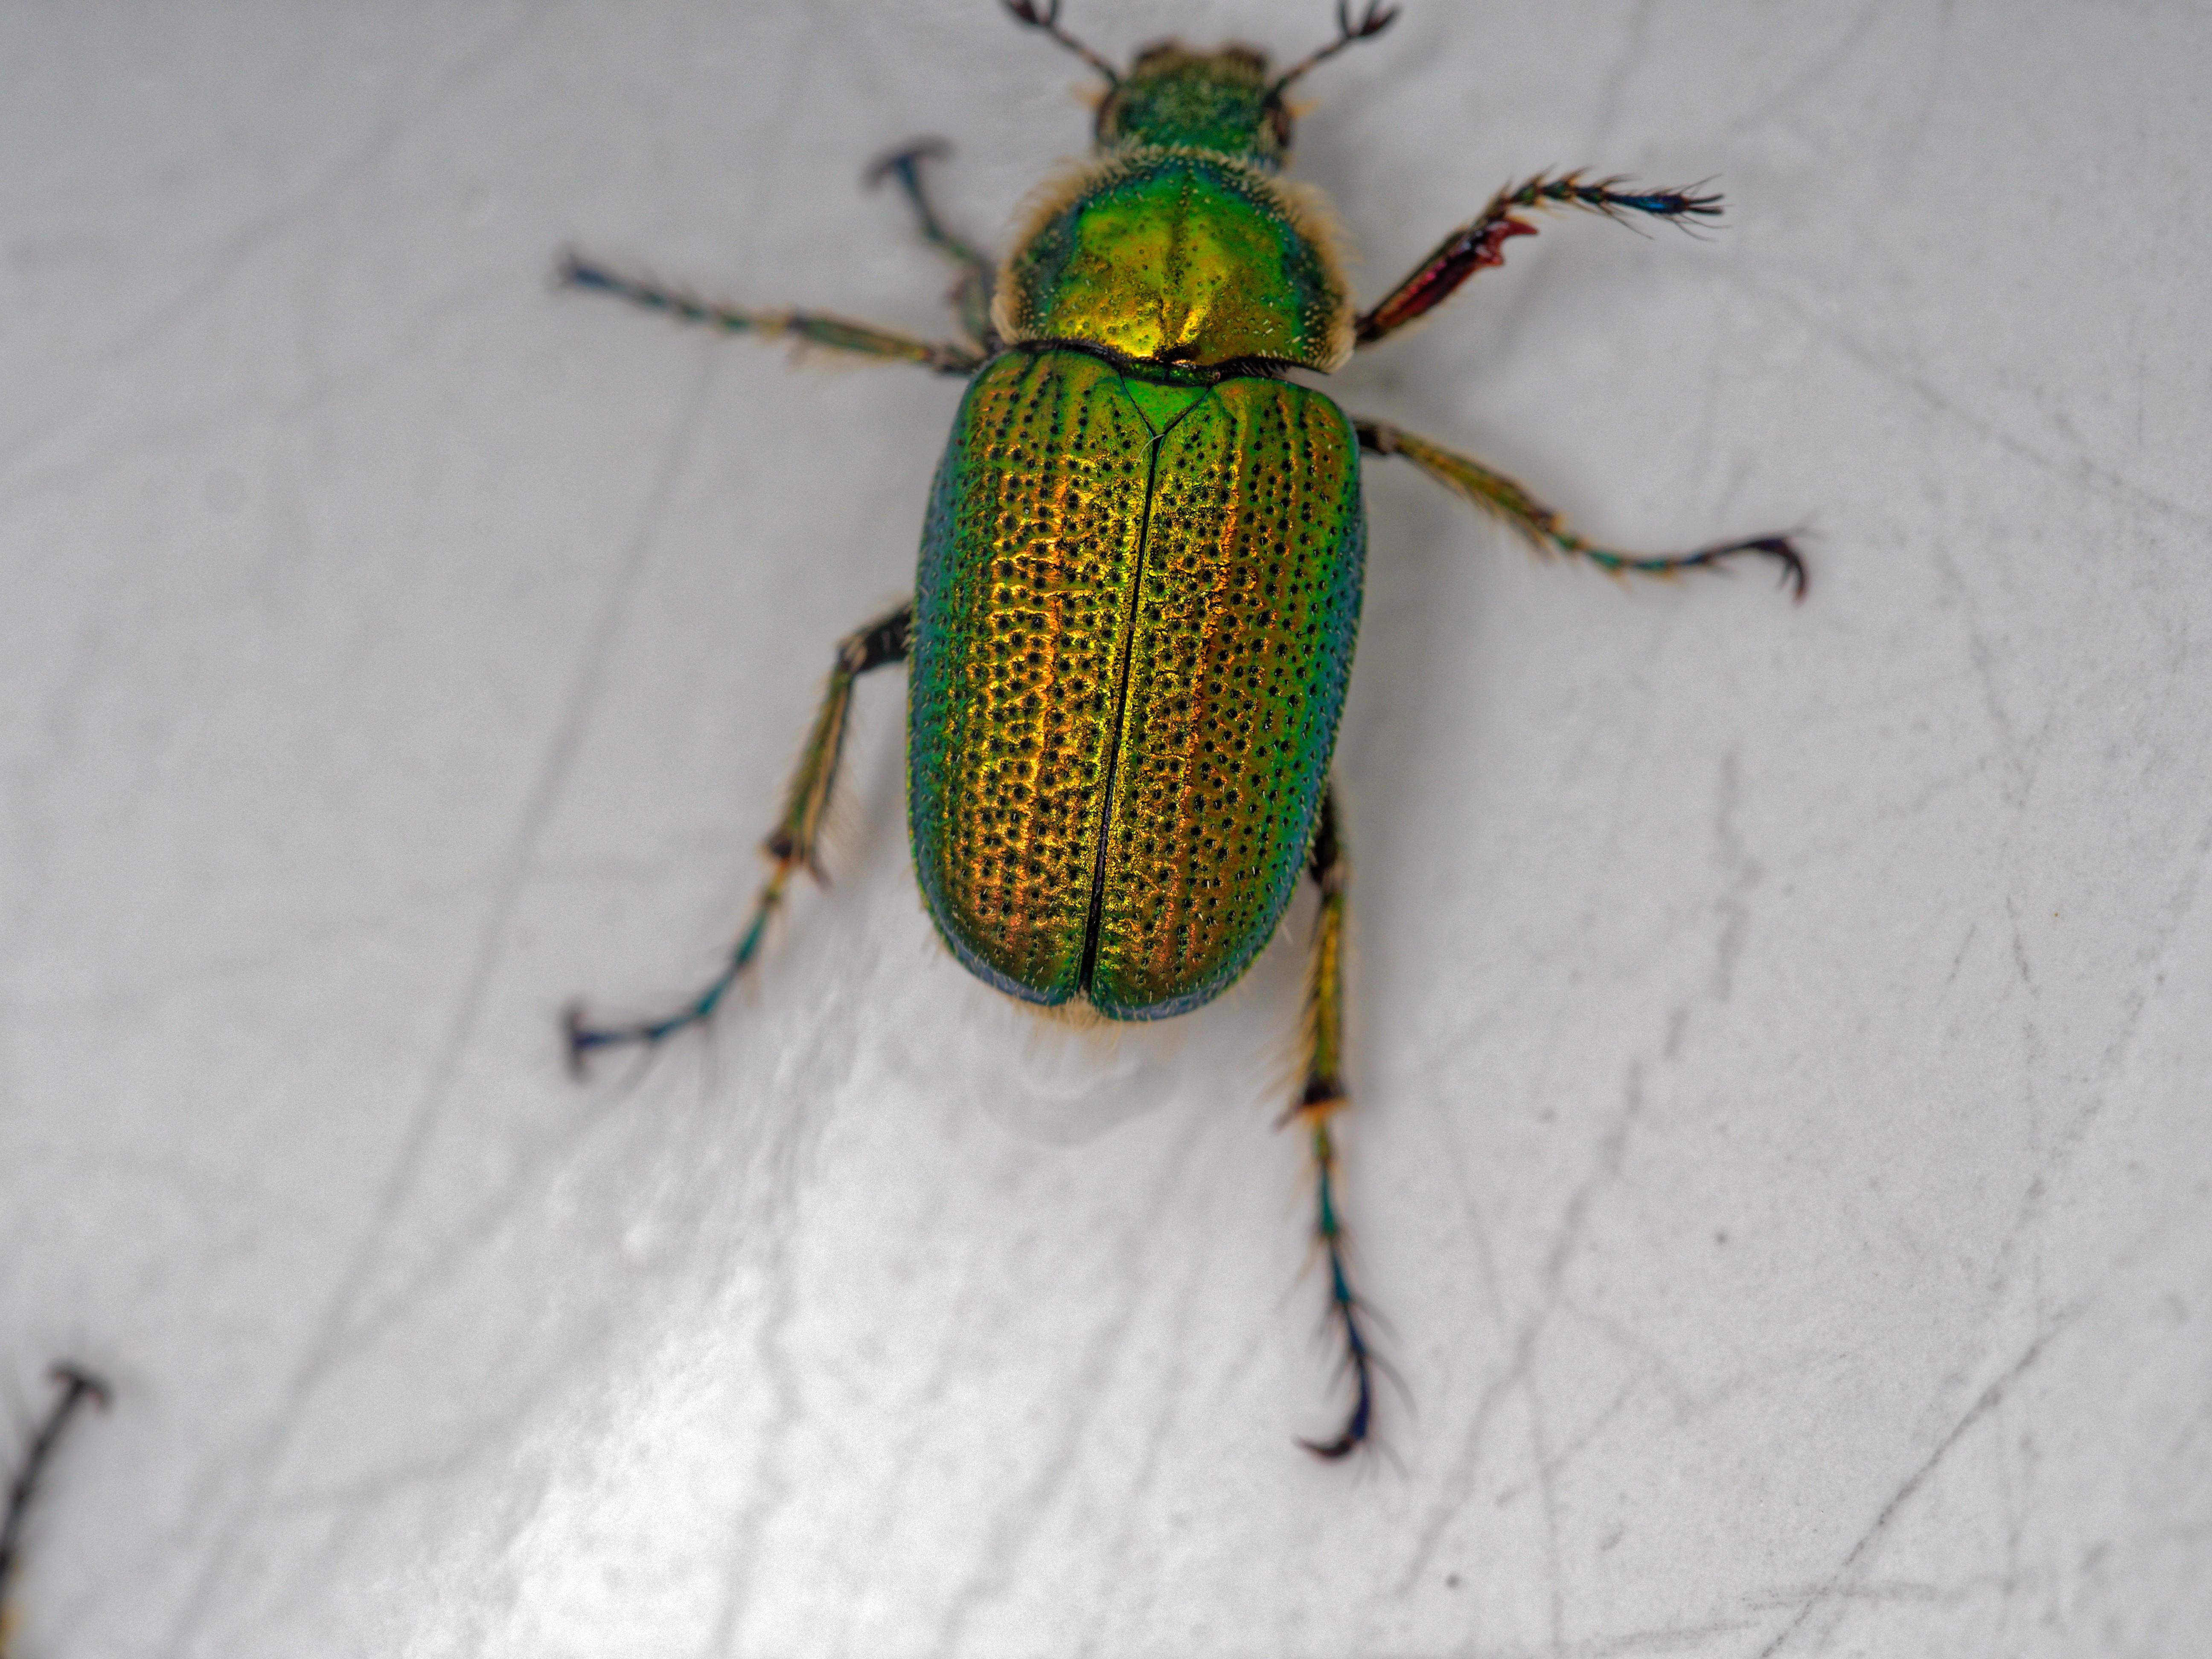 Christmas-beetle-8.jpeg